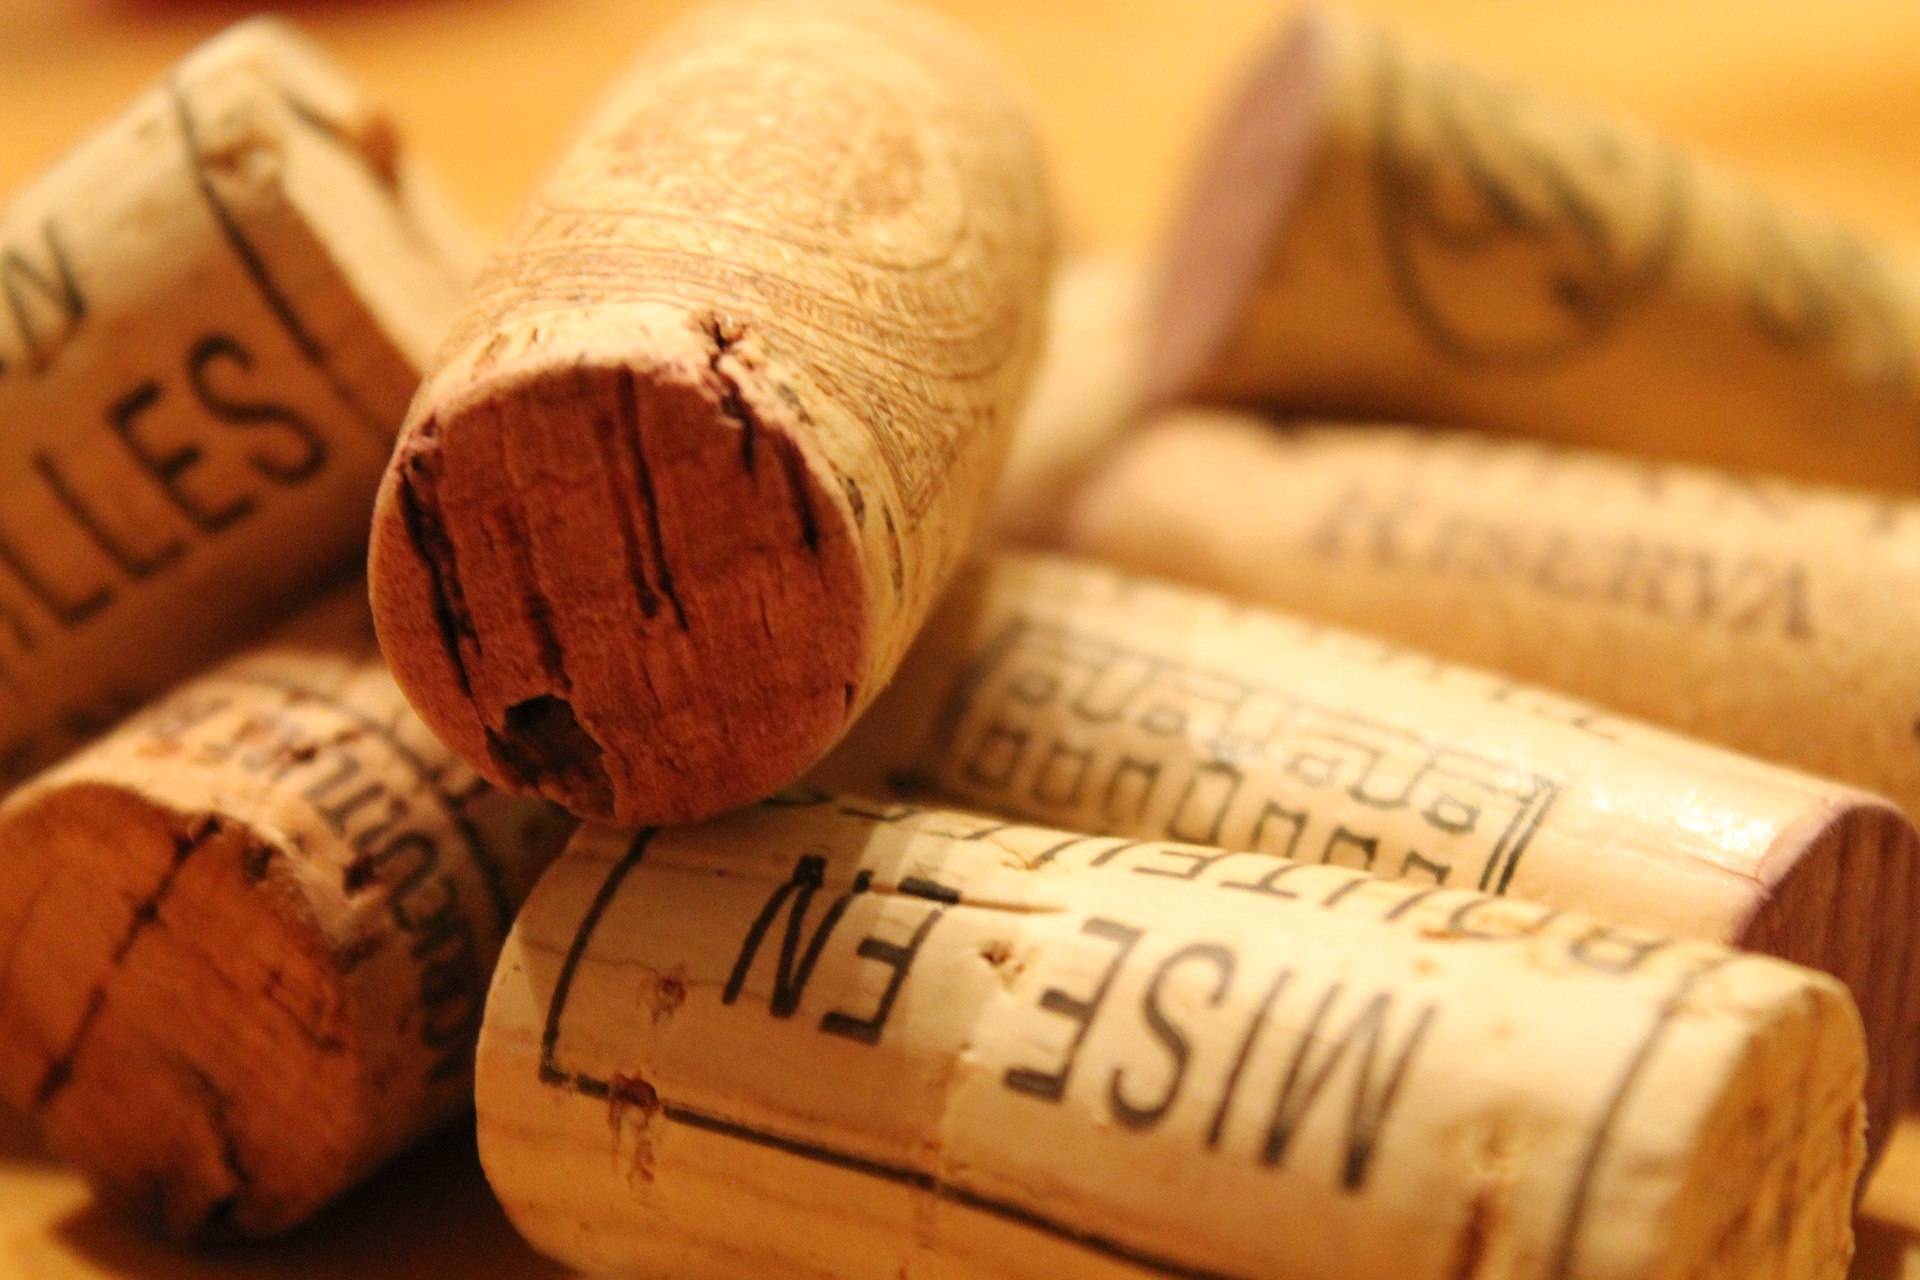 wine-647832_1920-1